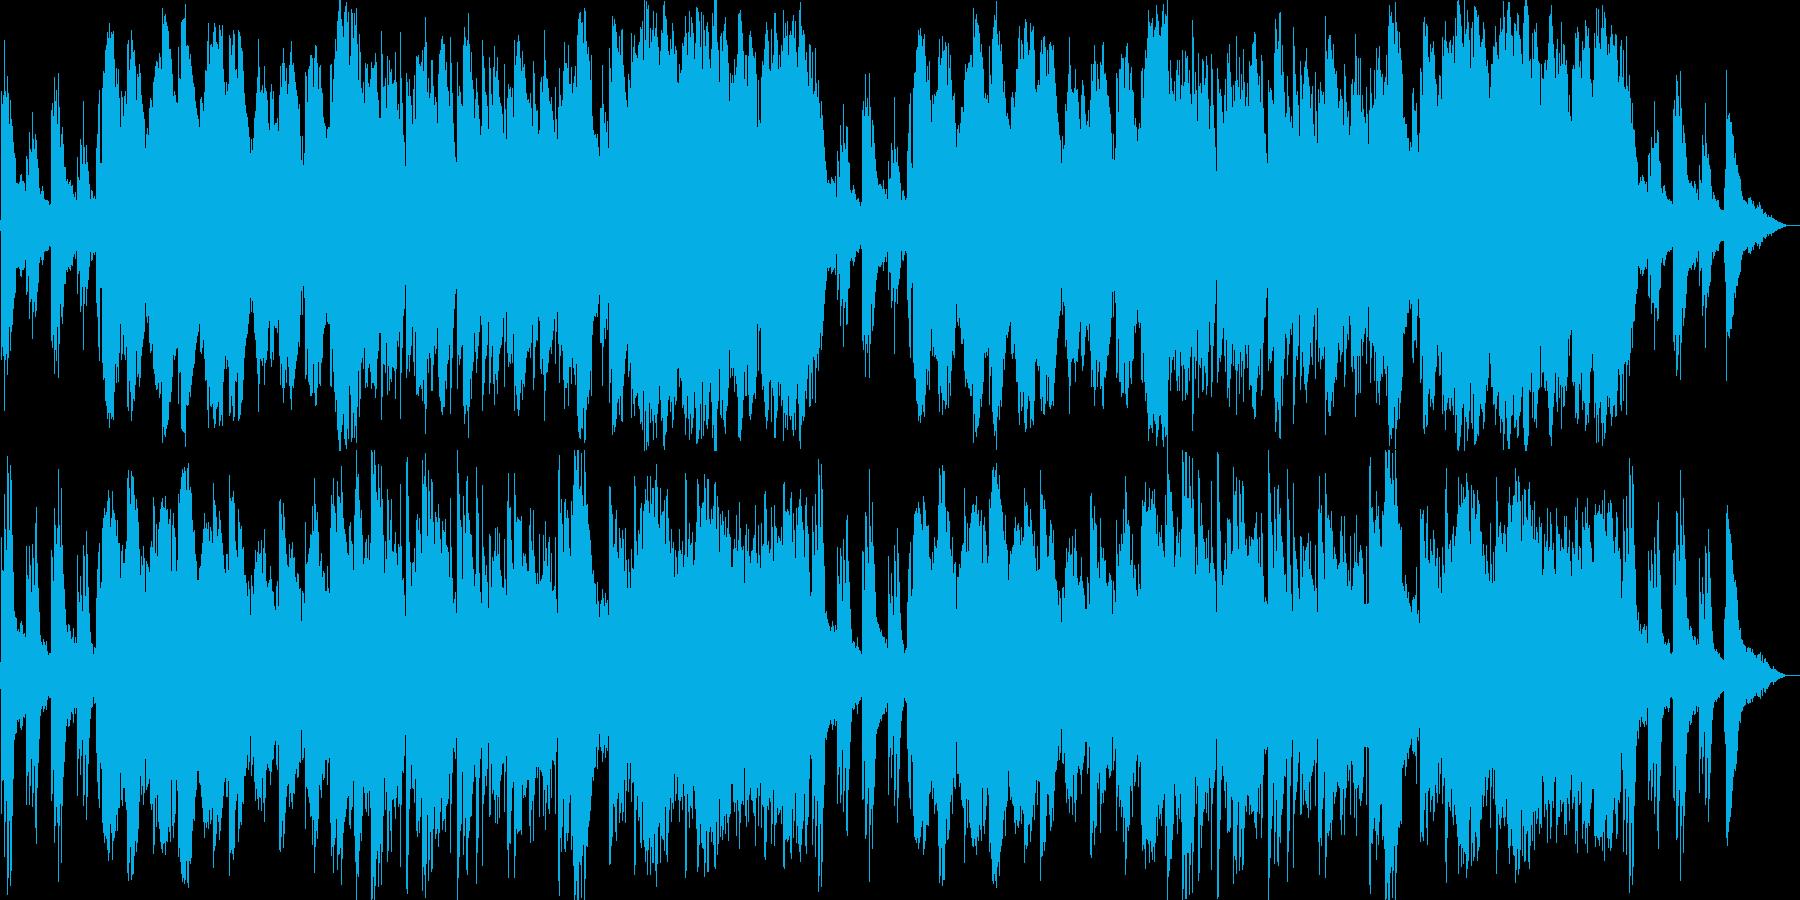 情緒的なメロディが印象的なバラードの再生済みの波形